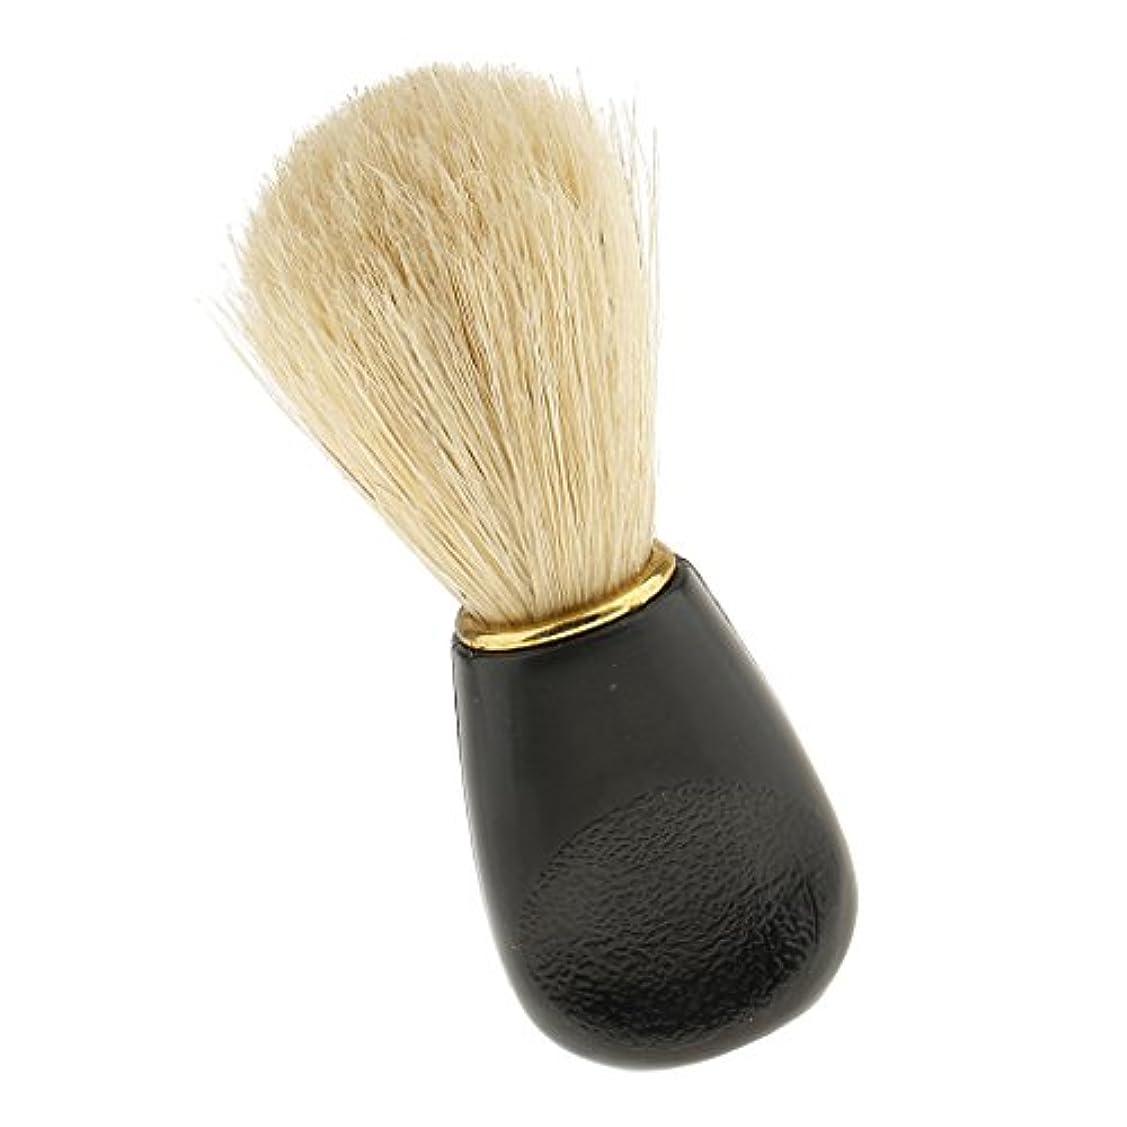 永続残高本物のKesoto プラスチック ハンドル メンズ シェービングブラシ 髭剃り 泡立ち ソフト ブラシ 全2種類 - ブラック